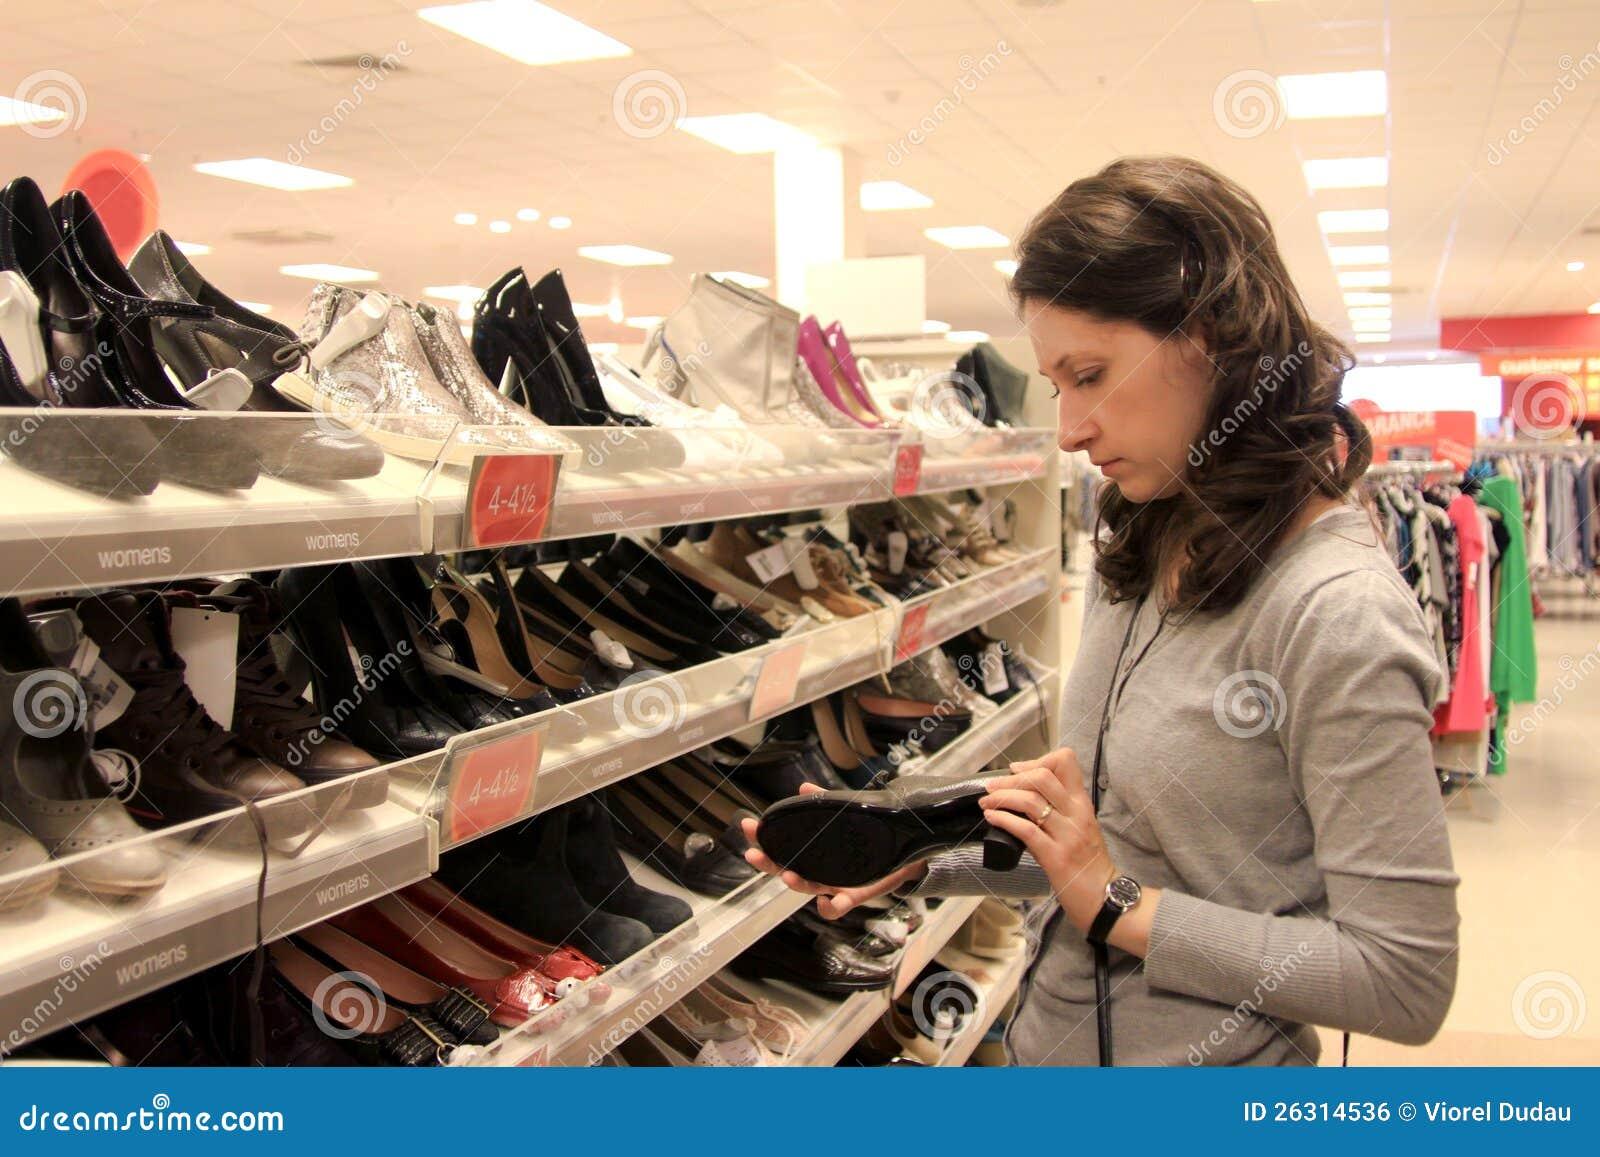 Online footwear shopping for women